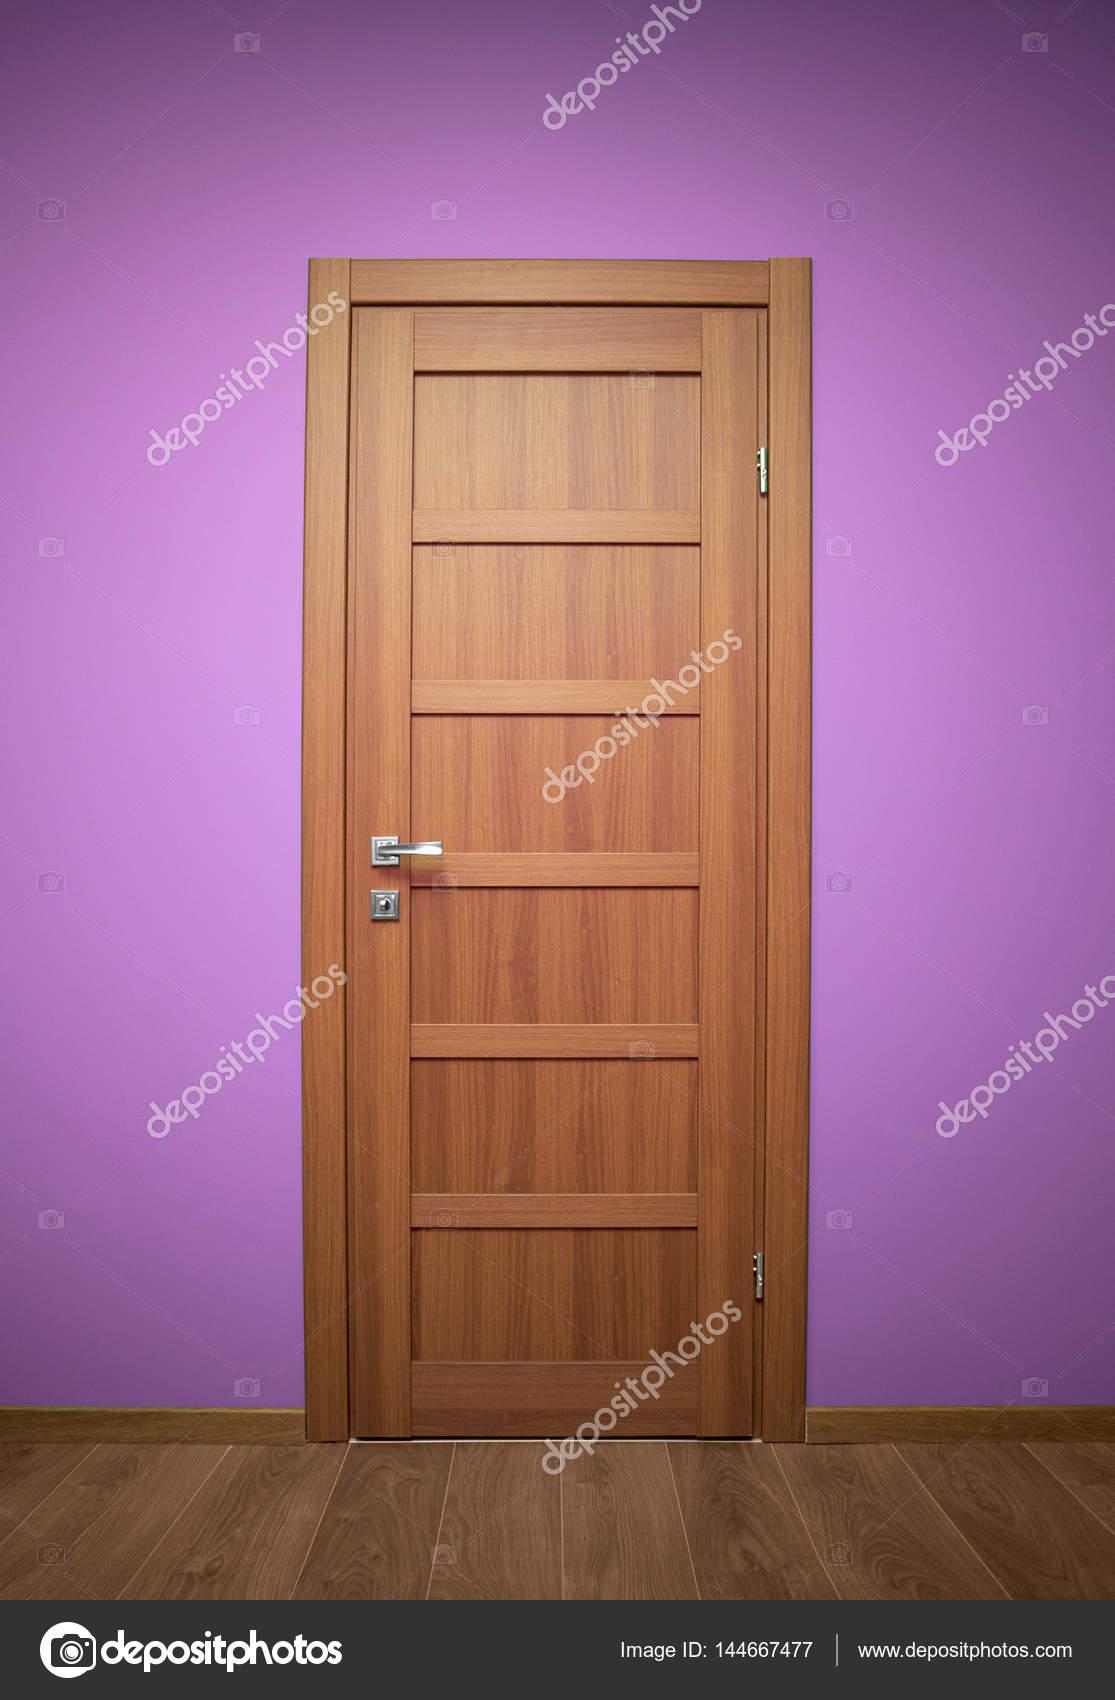 porte interne di legno — Foto Stock © Himchenko #144667477